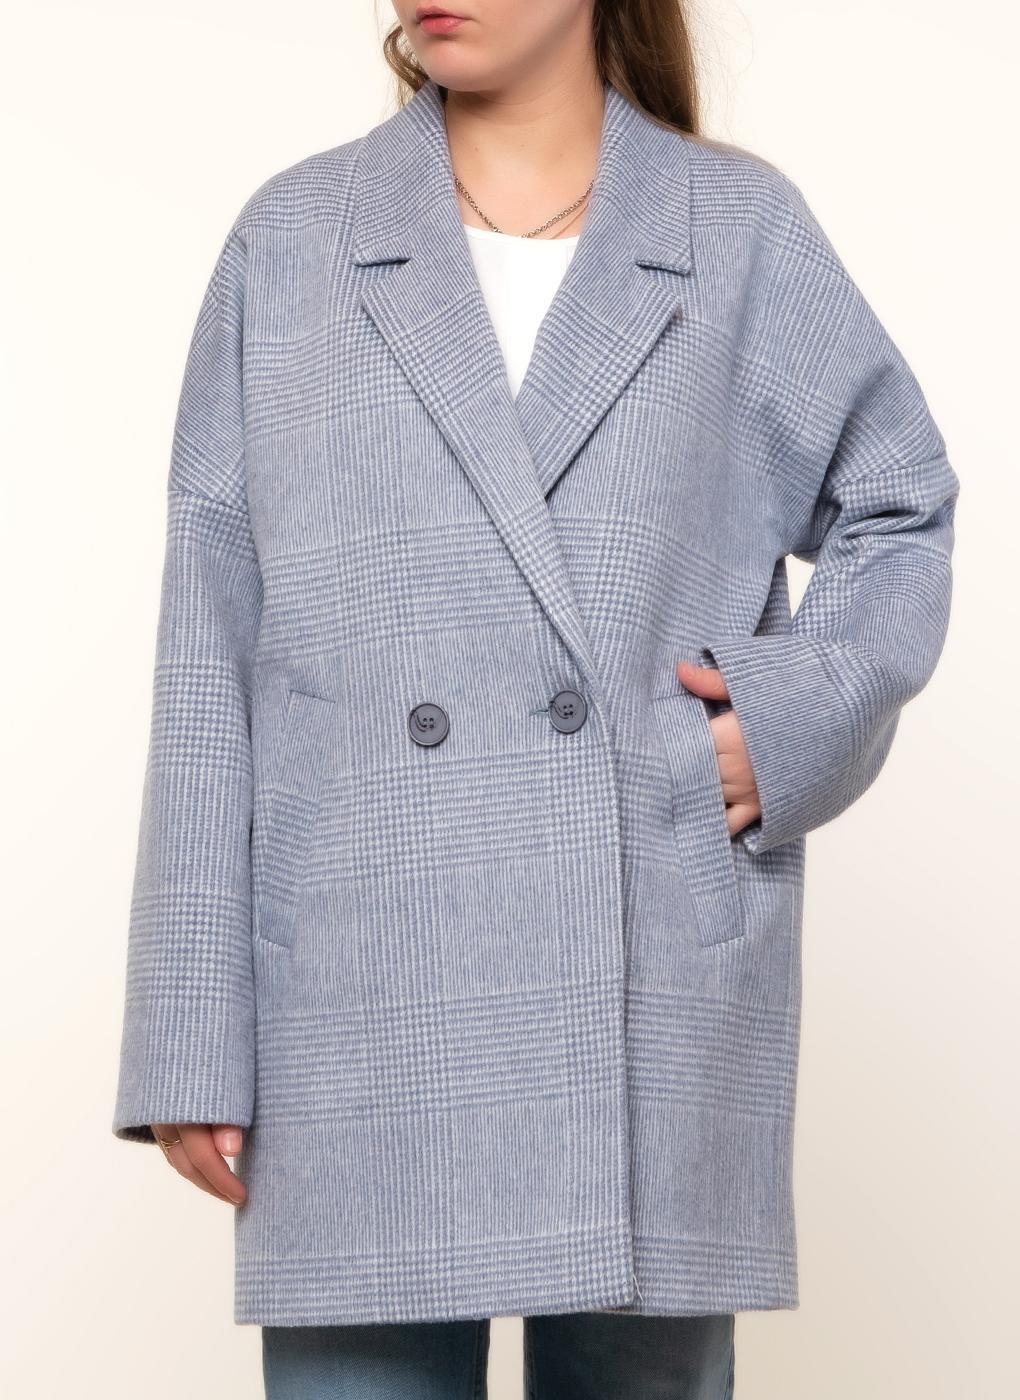 Пальто полушерстяное 60, Заря Моды фото